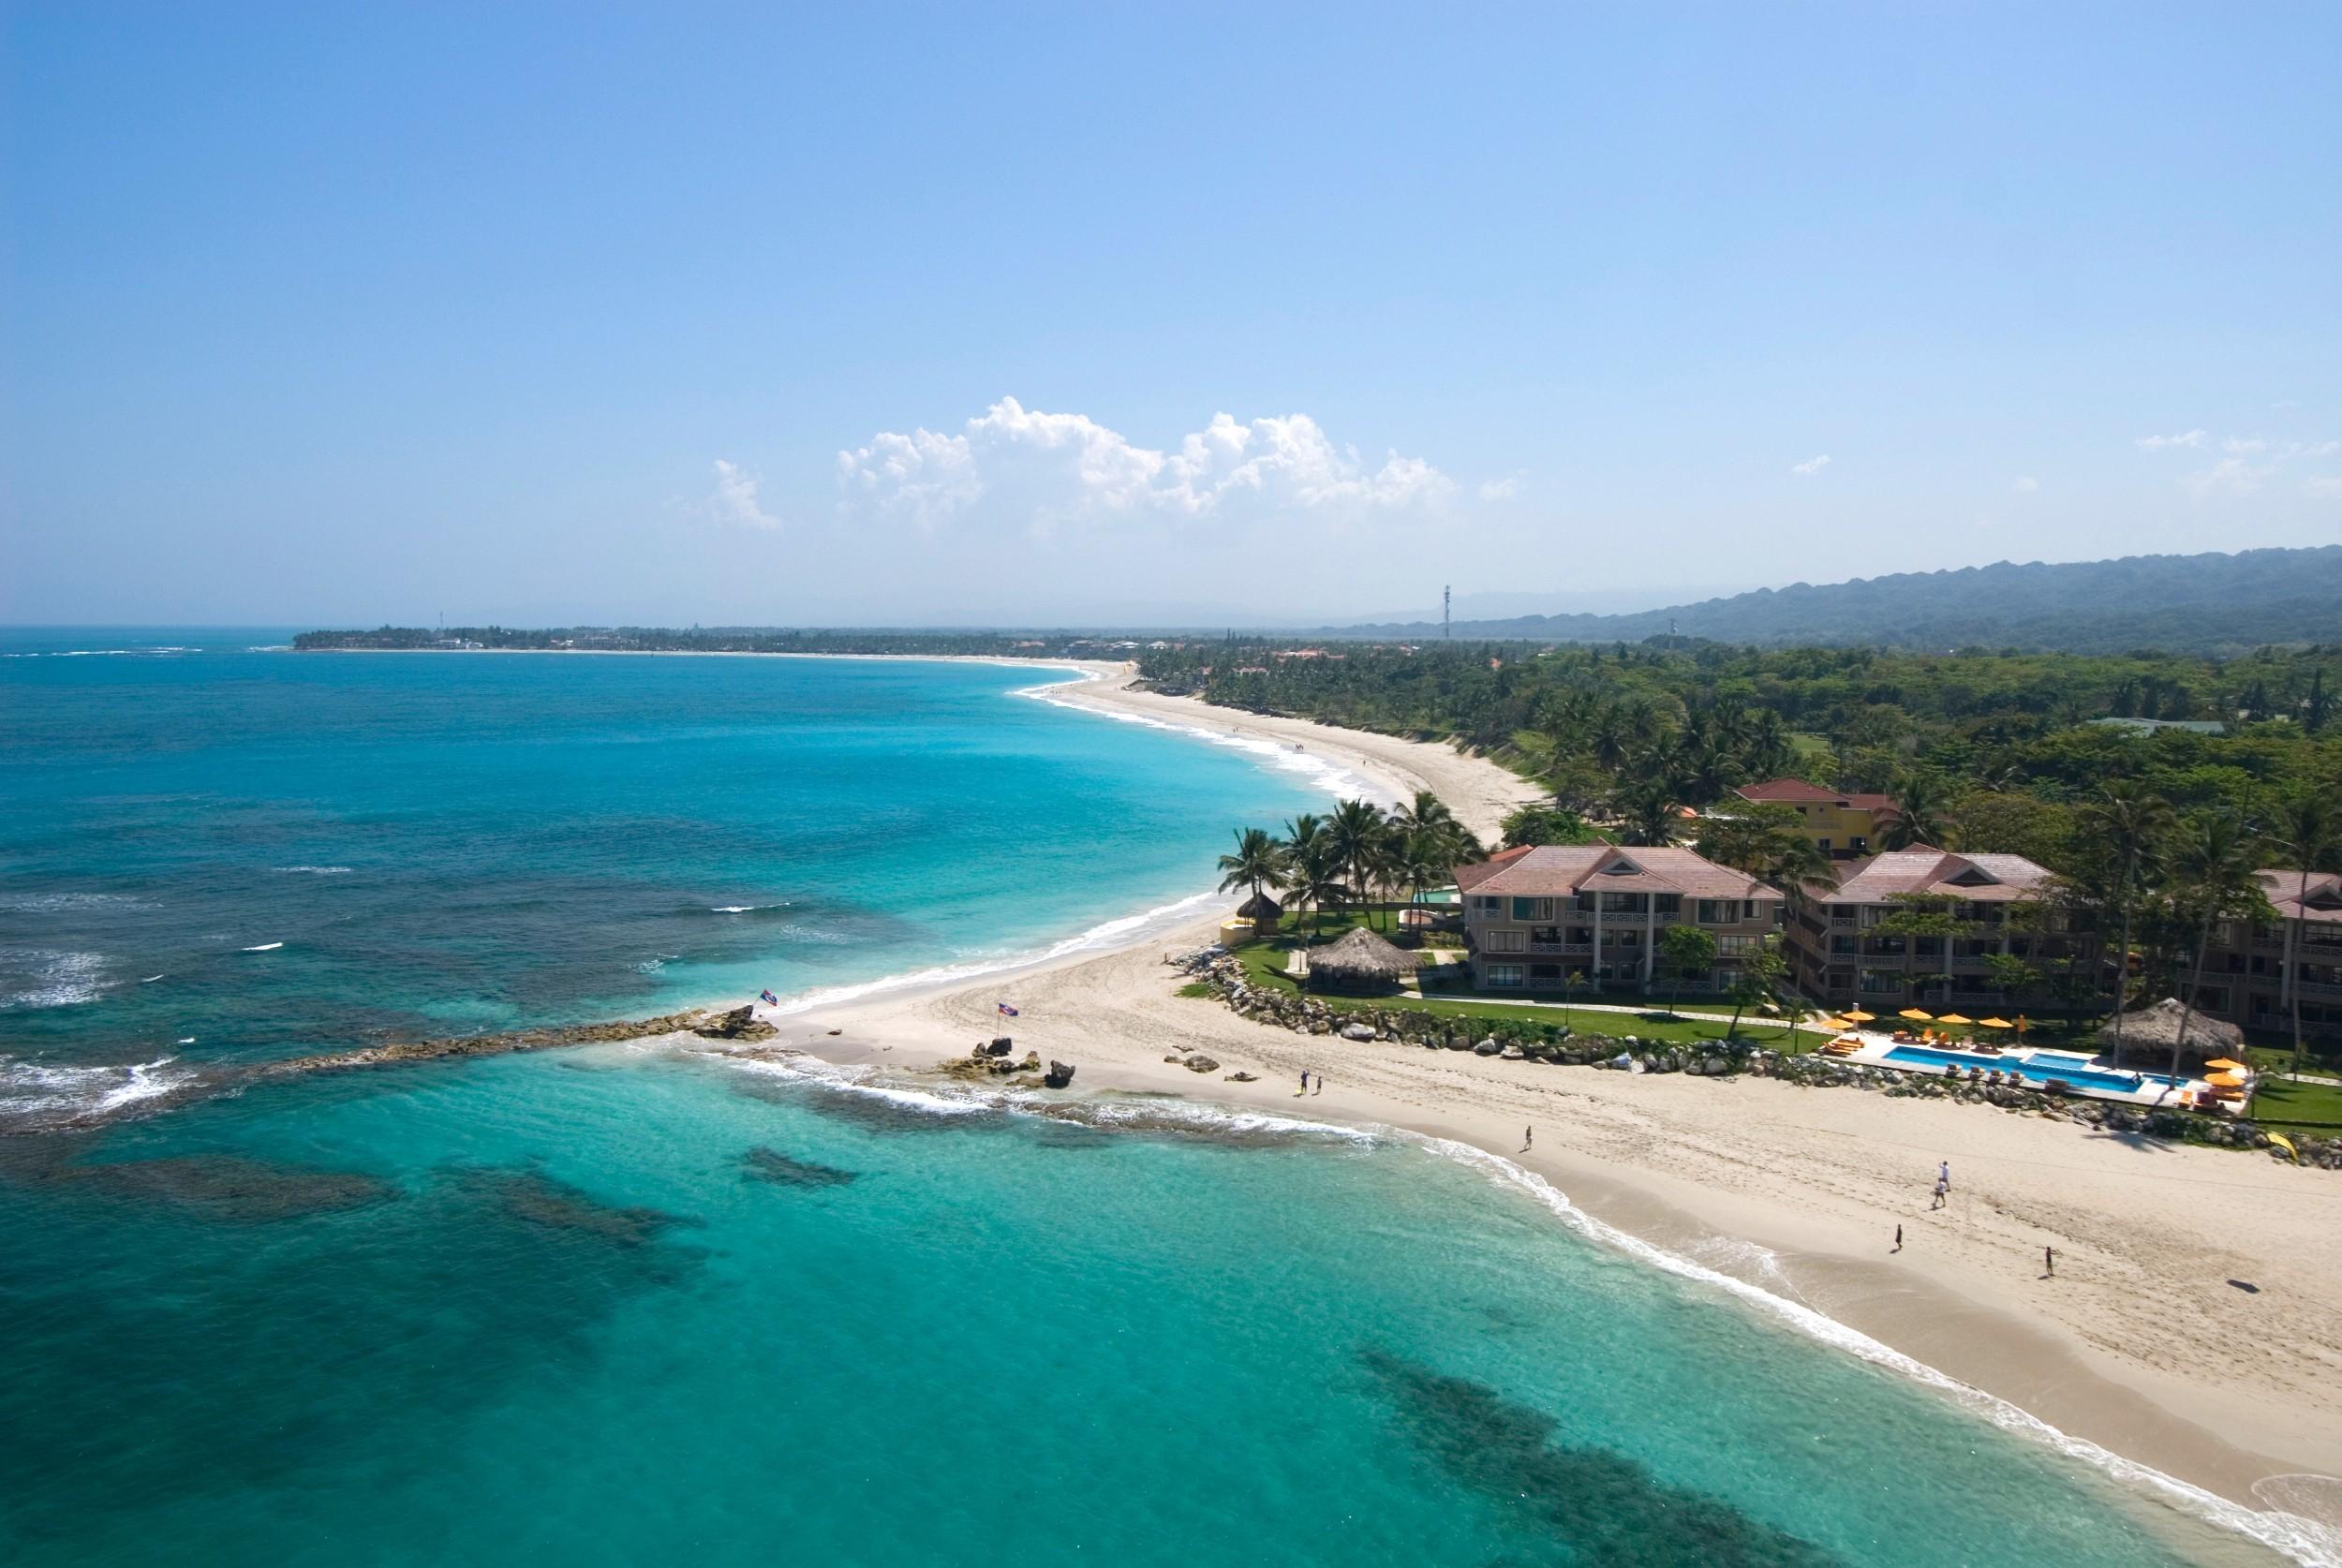 L'objectif est de répondre aux préoccupations des voyageurs qui planifient leurs vacances en République Dominicaine - DR